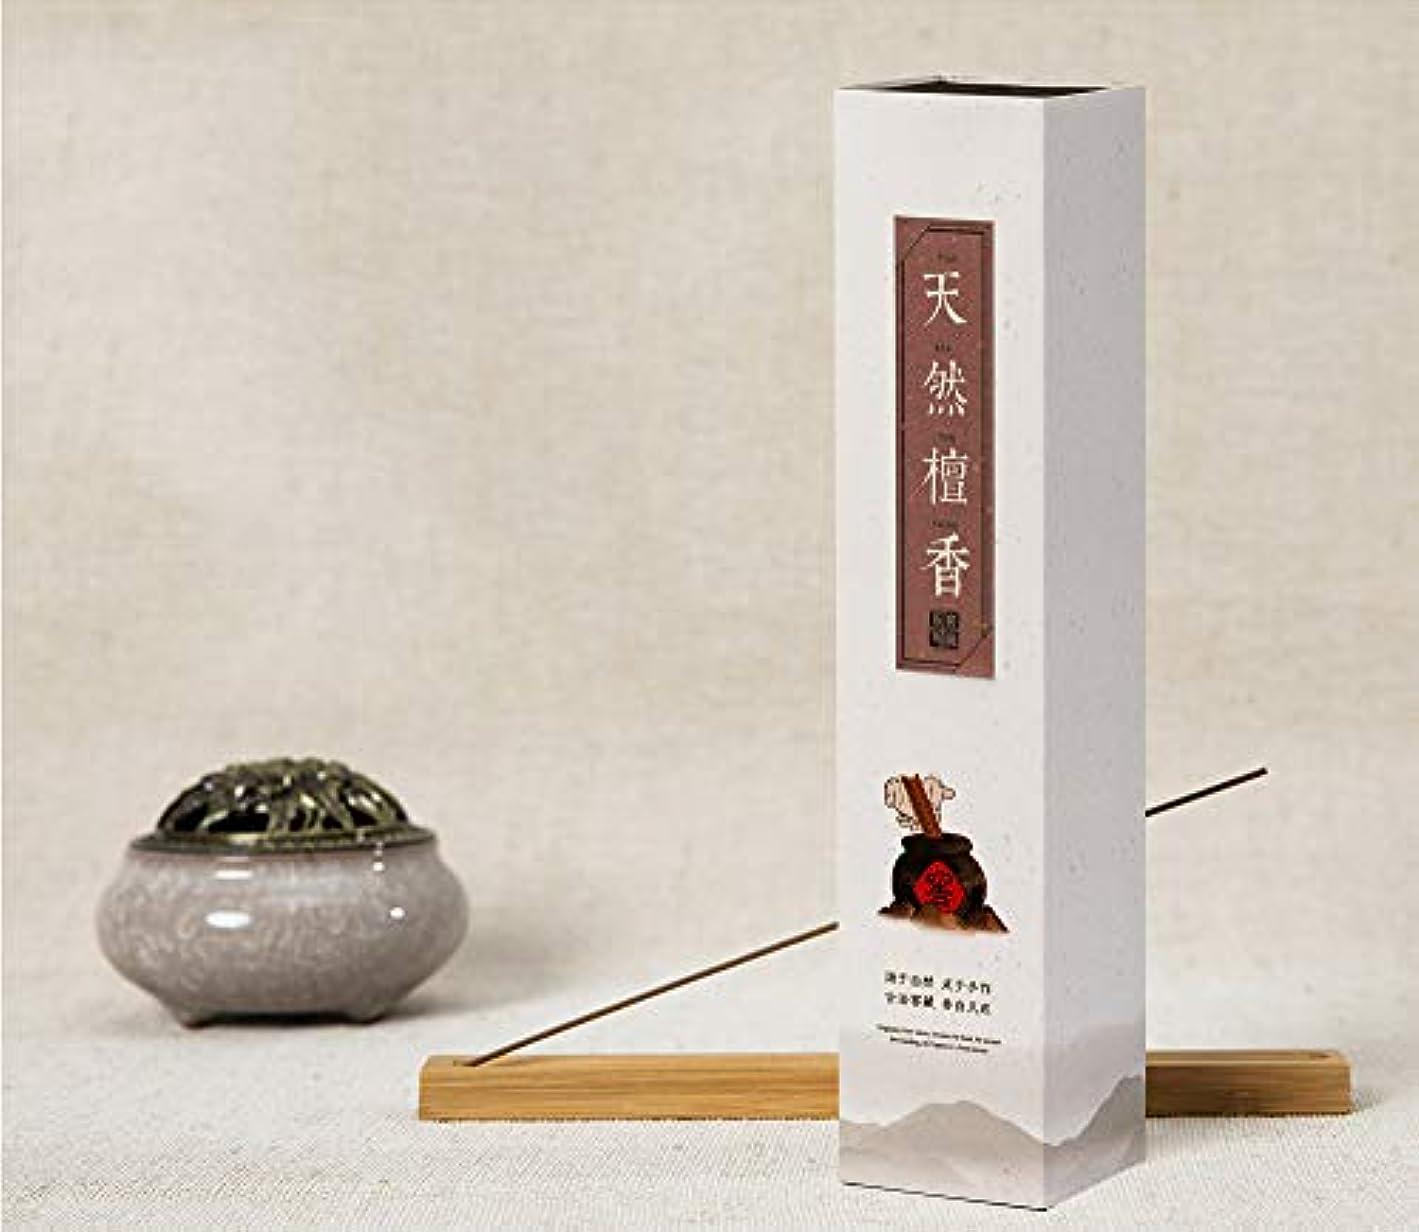 メタン系統的区別HwaGui - お線香 天然檀香 インセンス 香るスティック 養心安神 お香ギフト 21cm 0.75時間